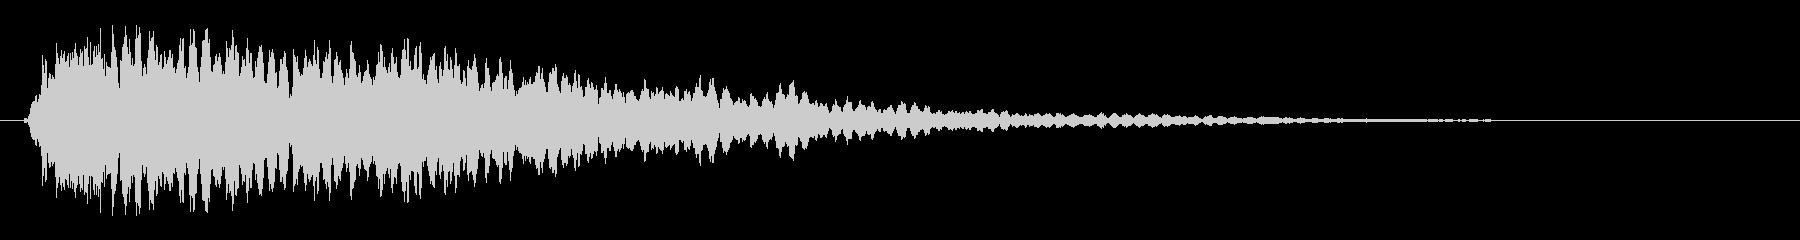 キーン(ガラスや氷が当たる音)の未再生の波形